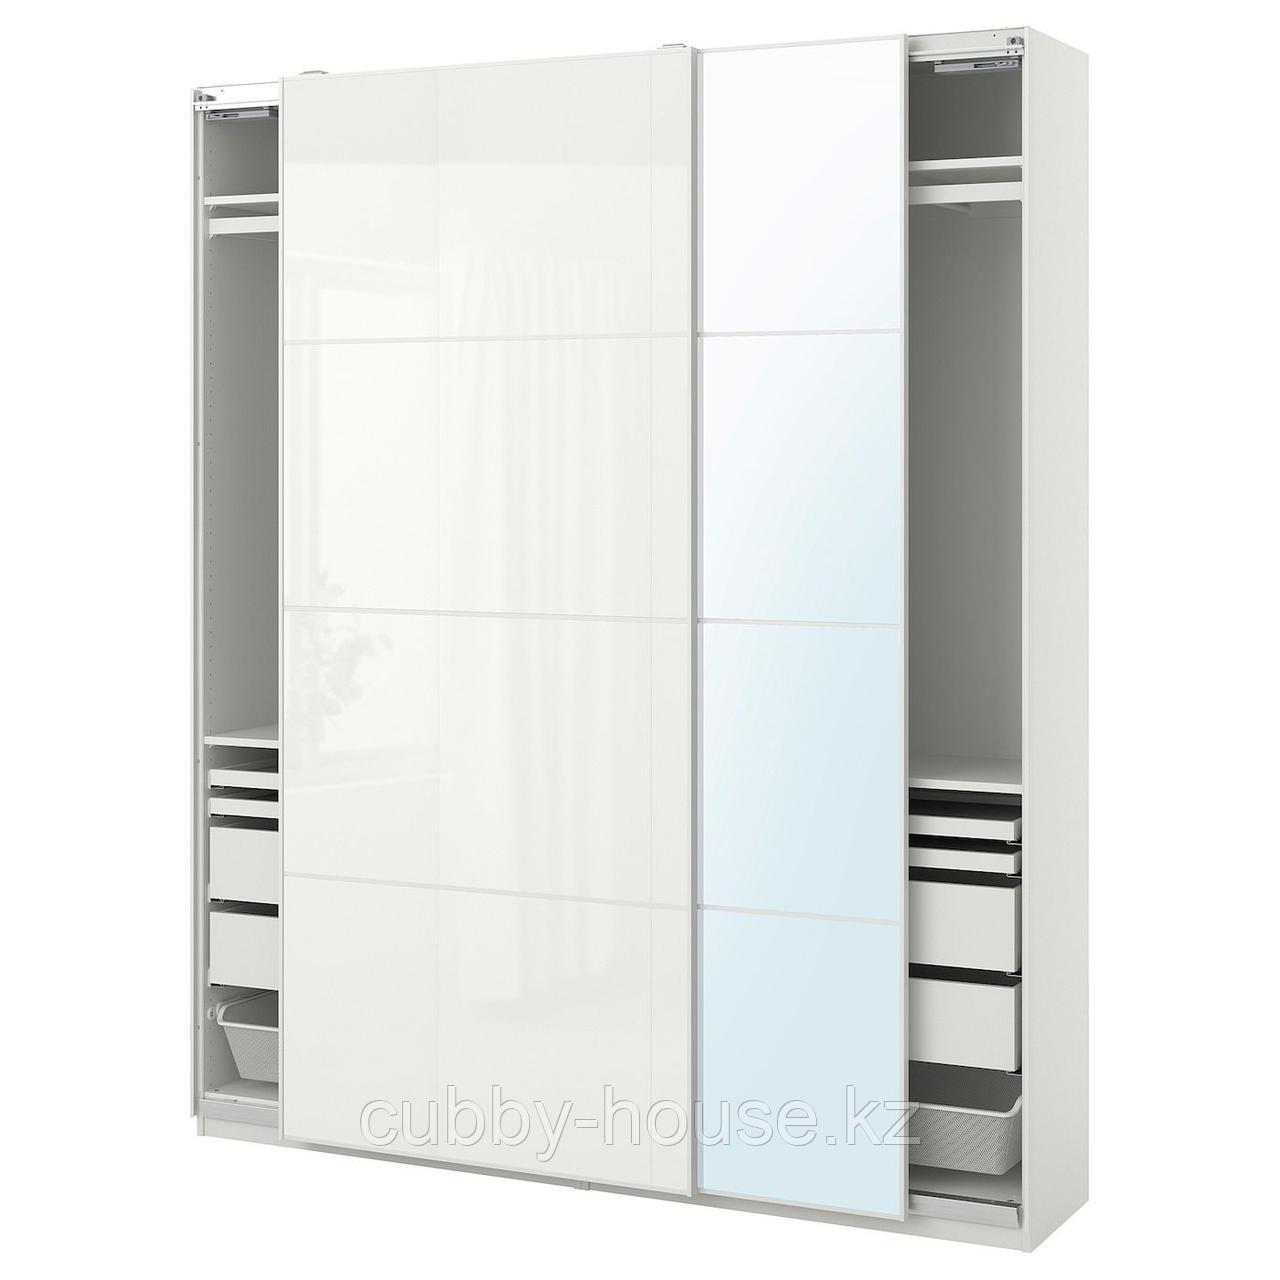 ПАКС / ФЭРВИК/АУЛИ Гардероб, комбинация, белый, белое стекло зеркальное стекло, 200x44x236 см